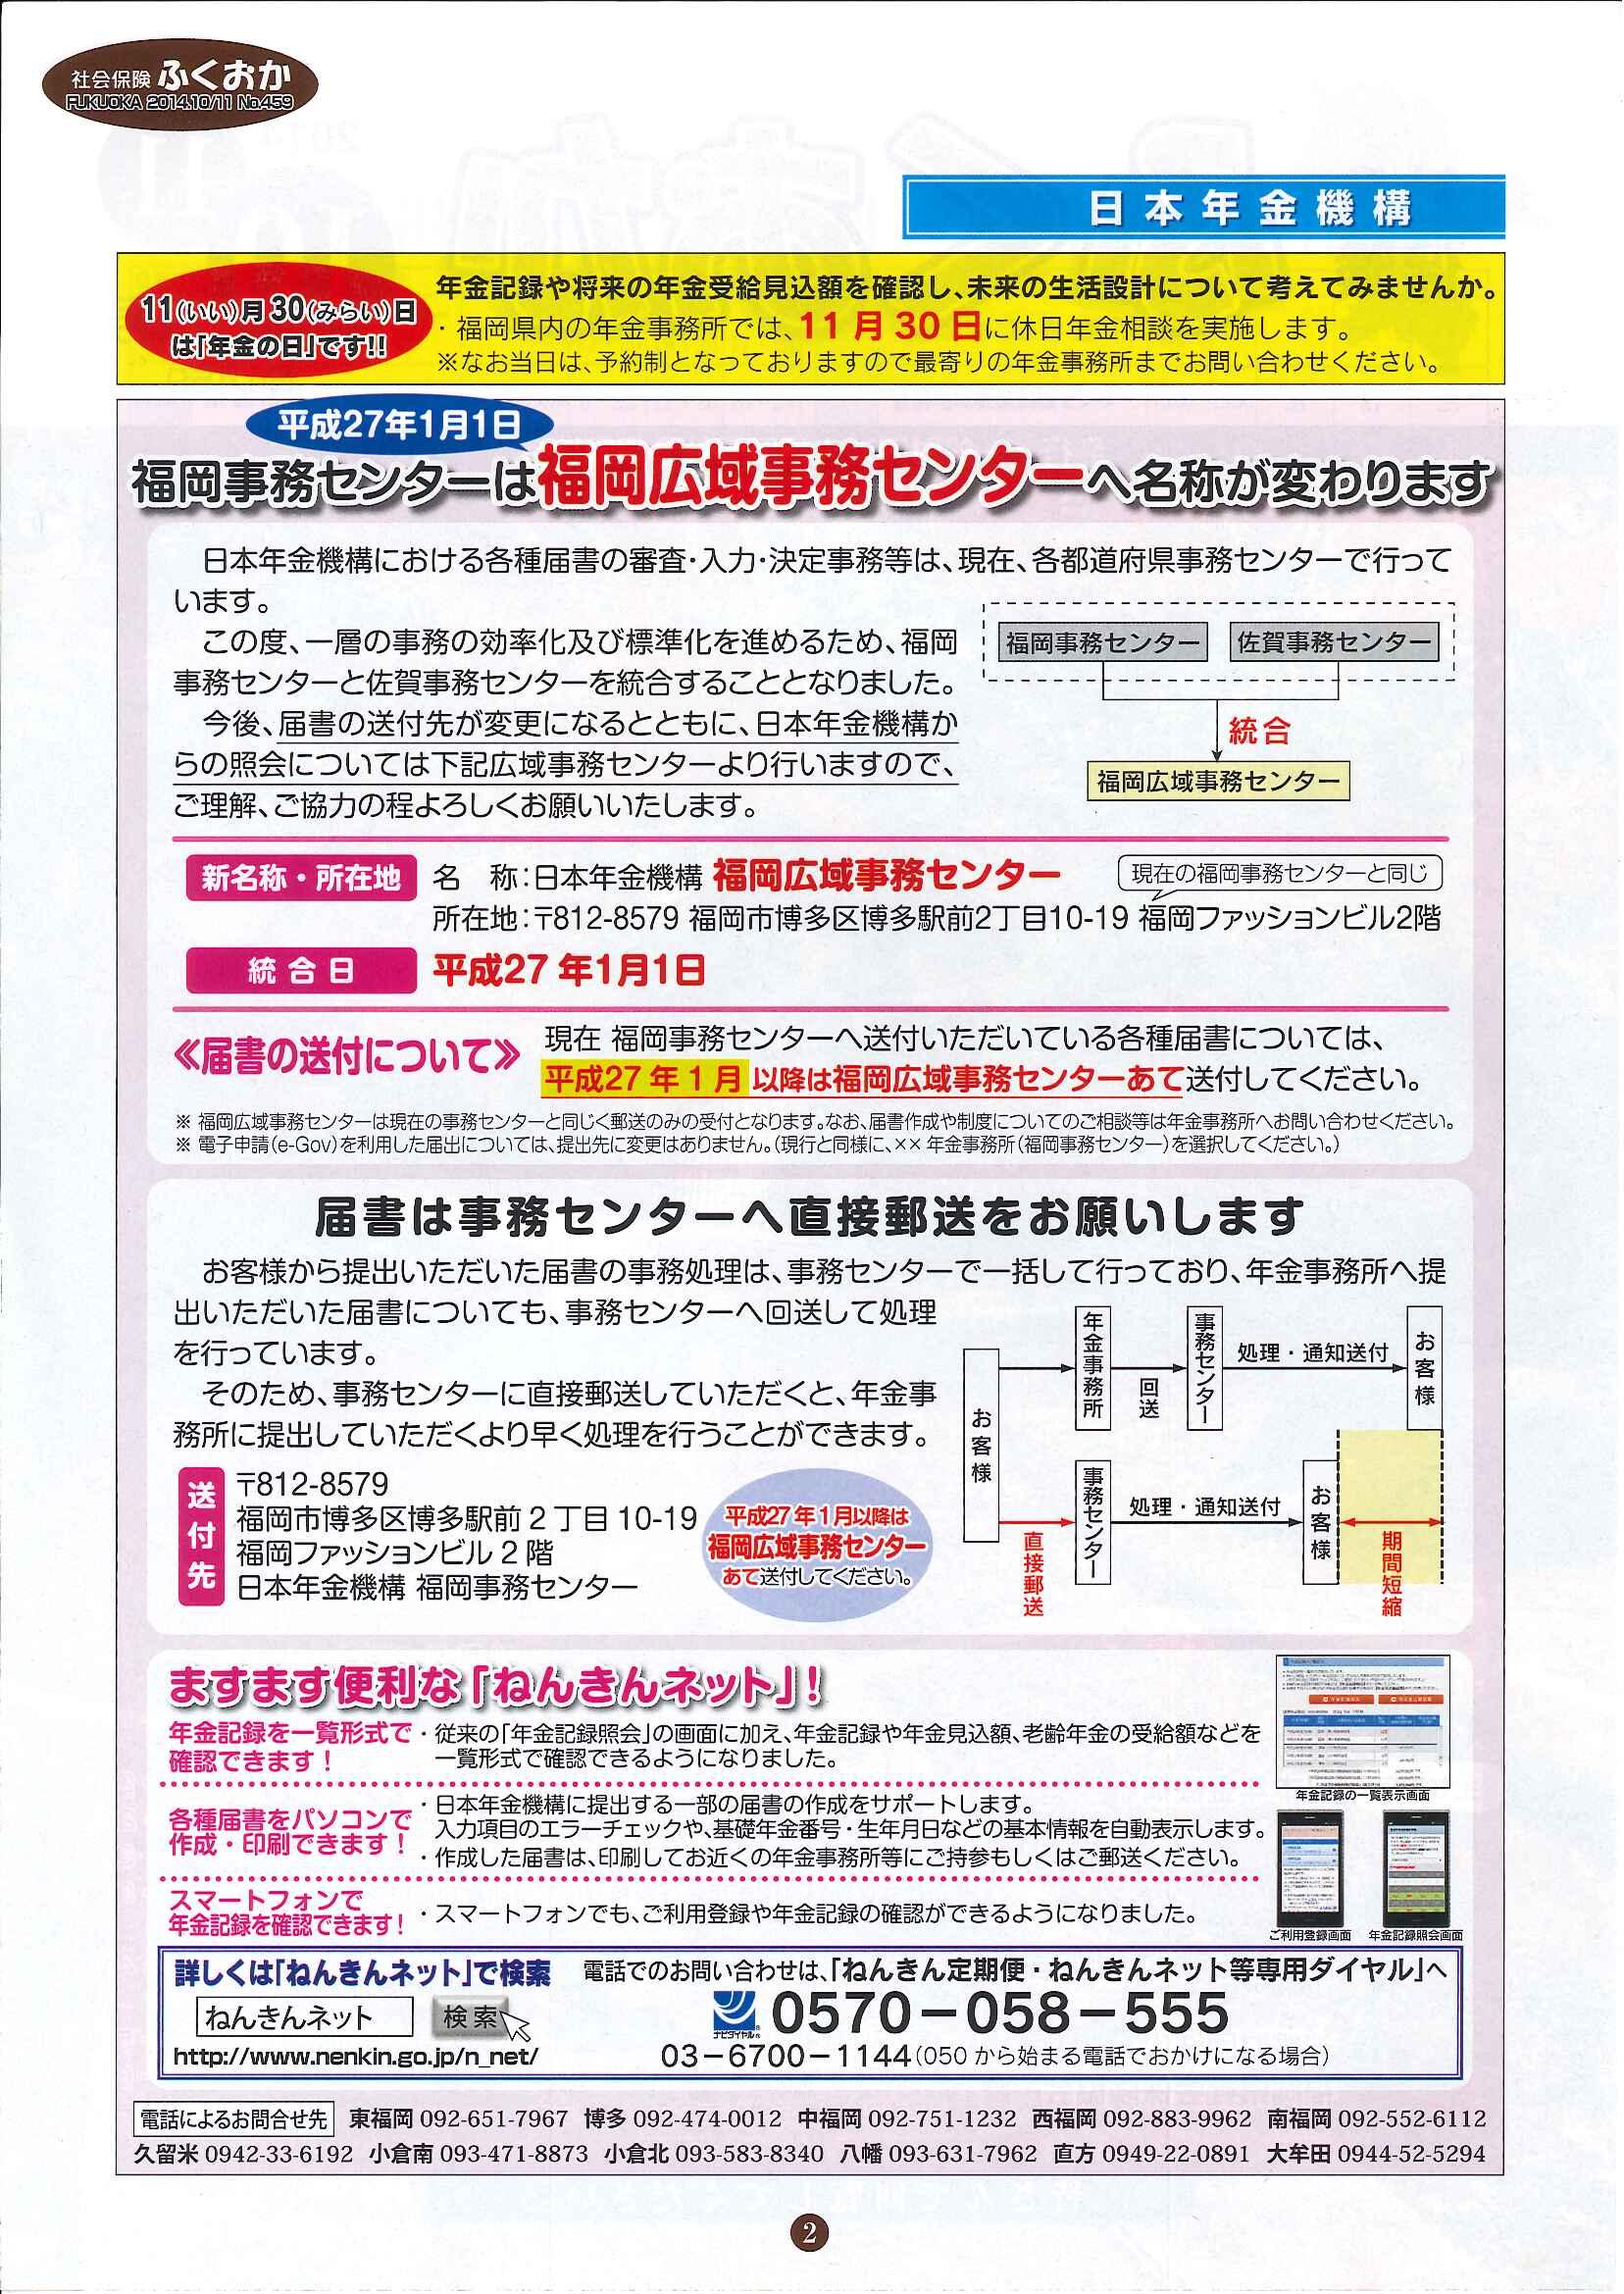 社会保険 「ふくおか」 2014年10・11月号_f0120774_14591869.jpg